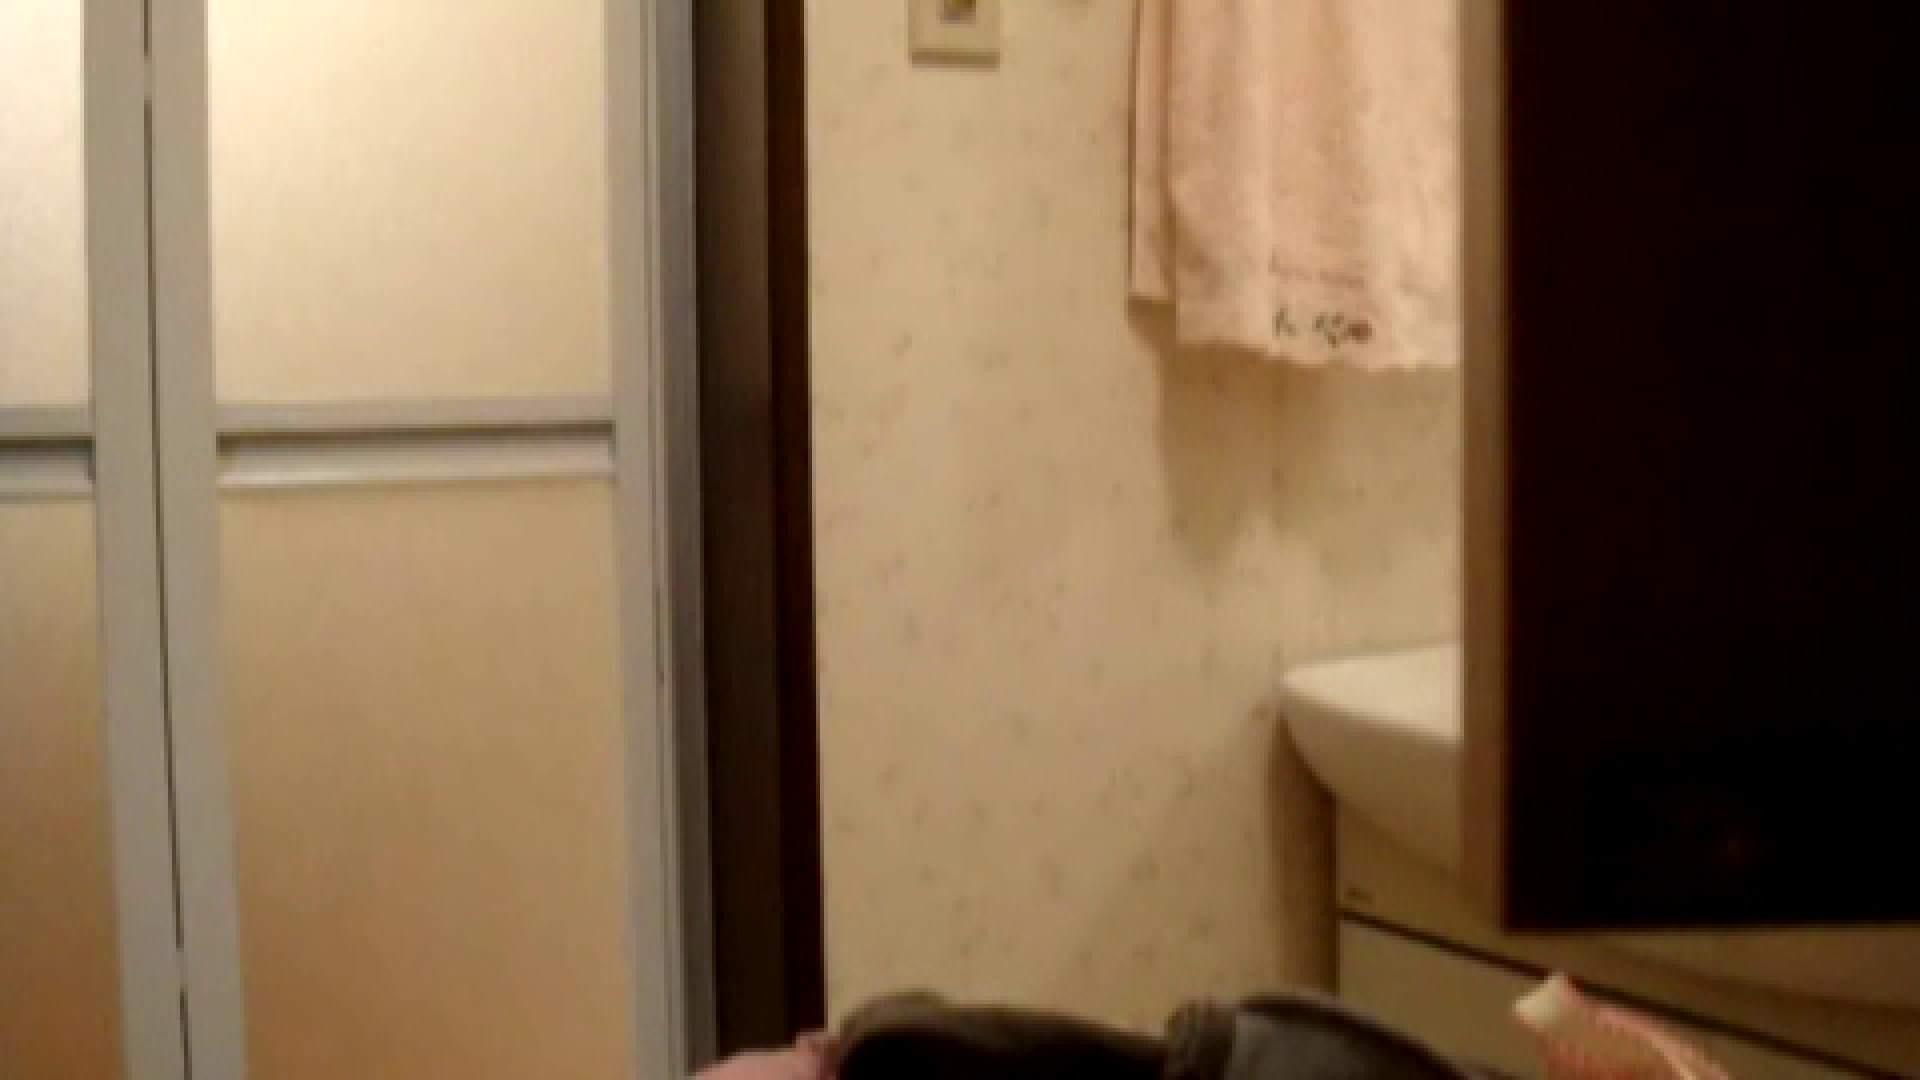 二人とも育てた甲斐がありました… vol.08 まどかの入浴中にカメラに気付いたか!? 綺麗なOLたち | 入浴  90枚 59